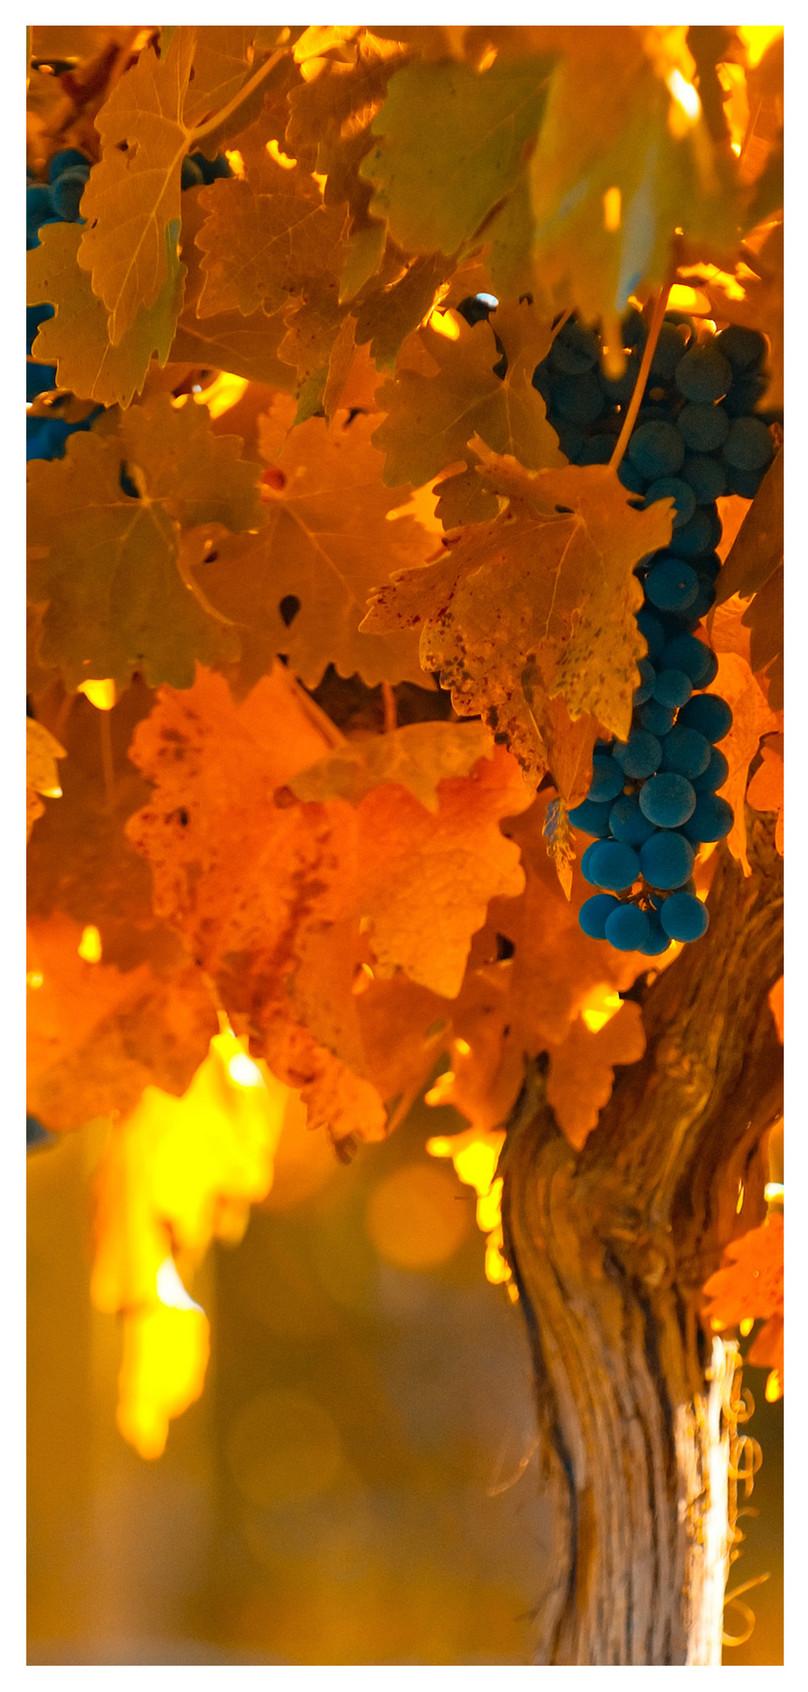 Vine Wallpaper Per Cellulare Sfondo Cellulare Uva 808x1692 Wallpaper Teahub Io